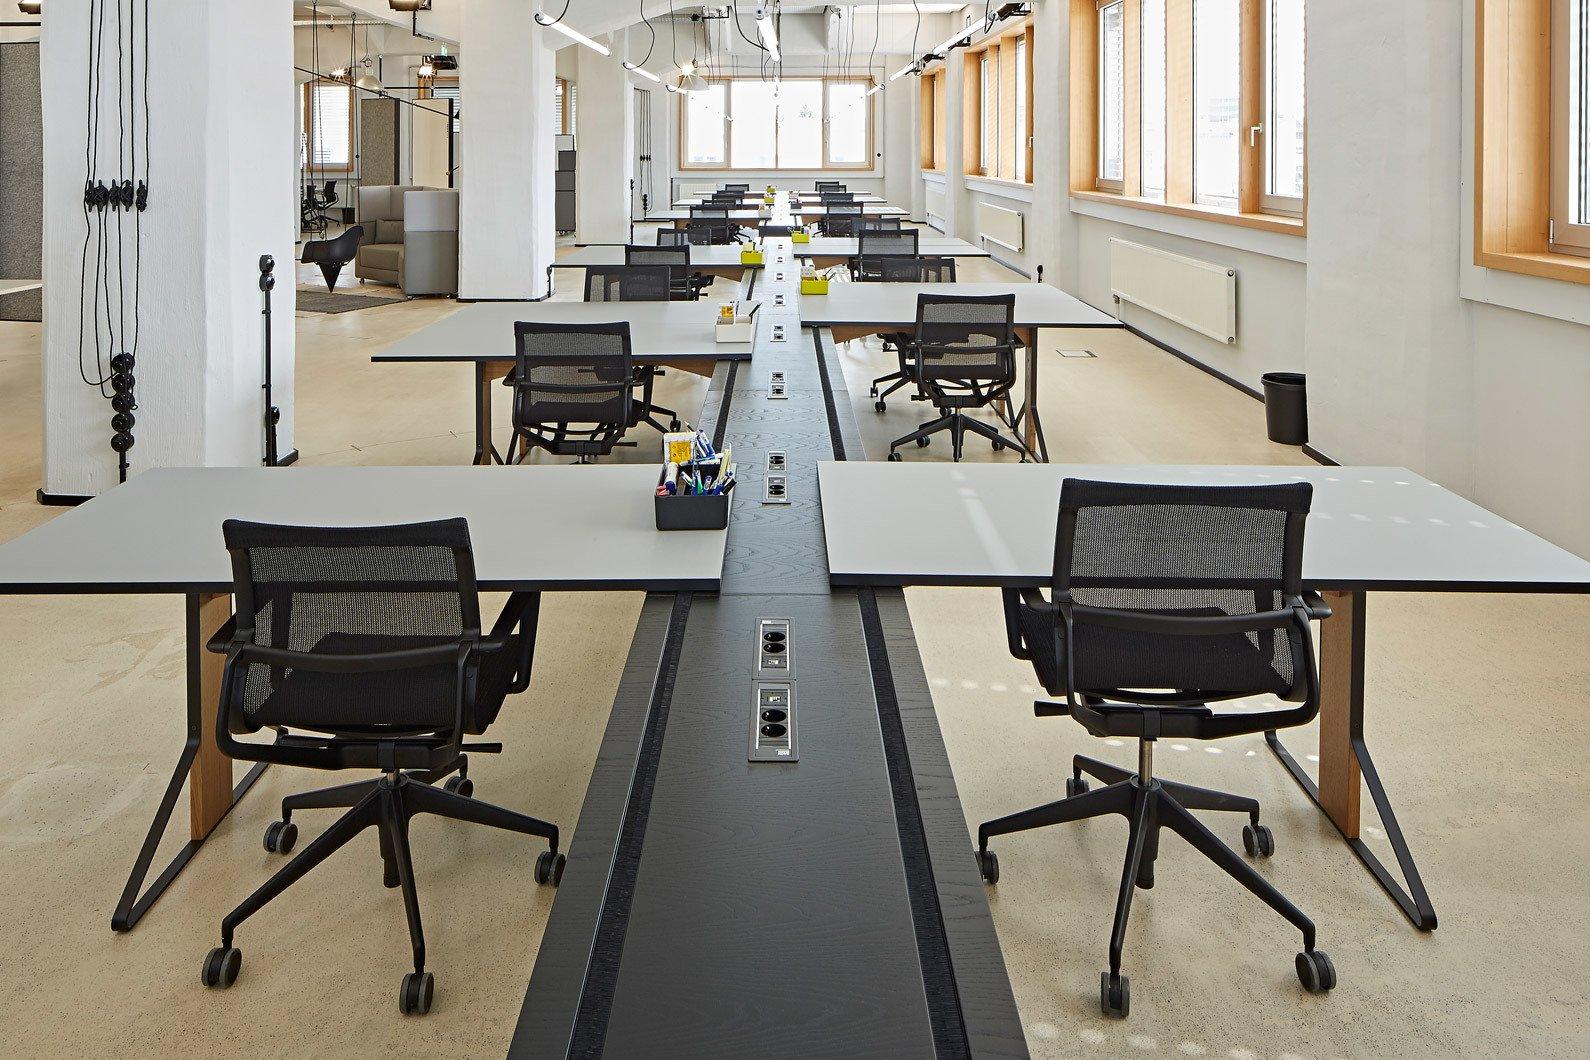 Sonderanfertigung von Artek mit Ply für Deloitte Digital Studio in Düsseldorf, Foto: Julia Maria Max